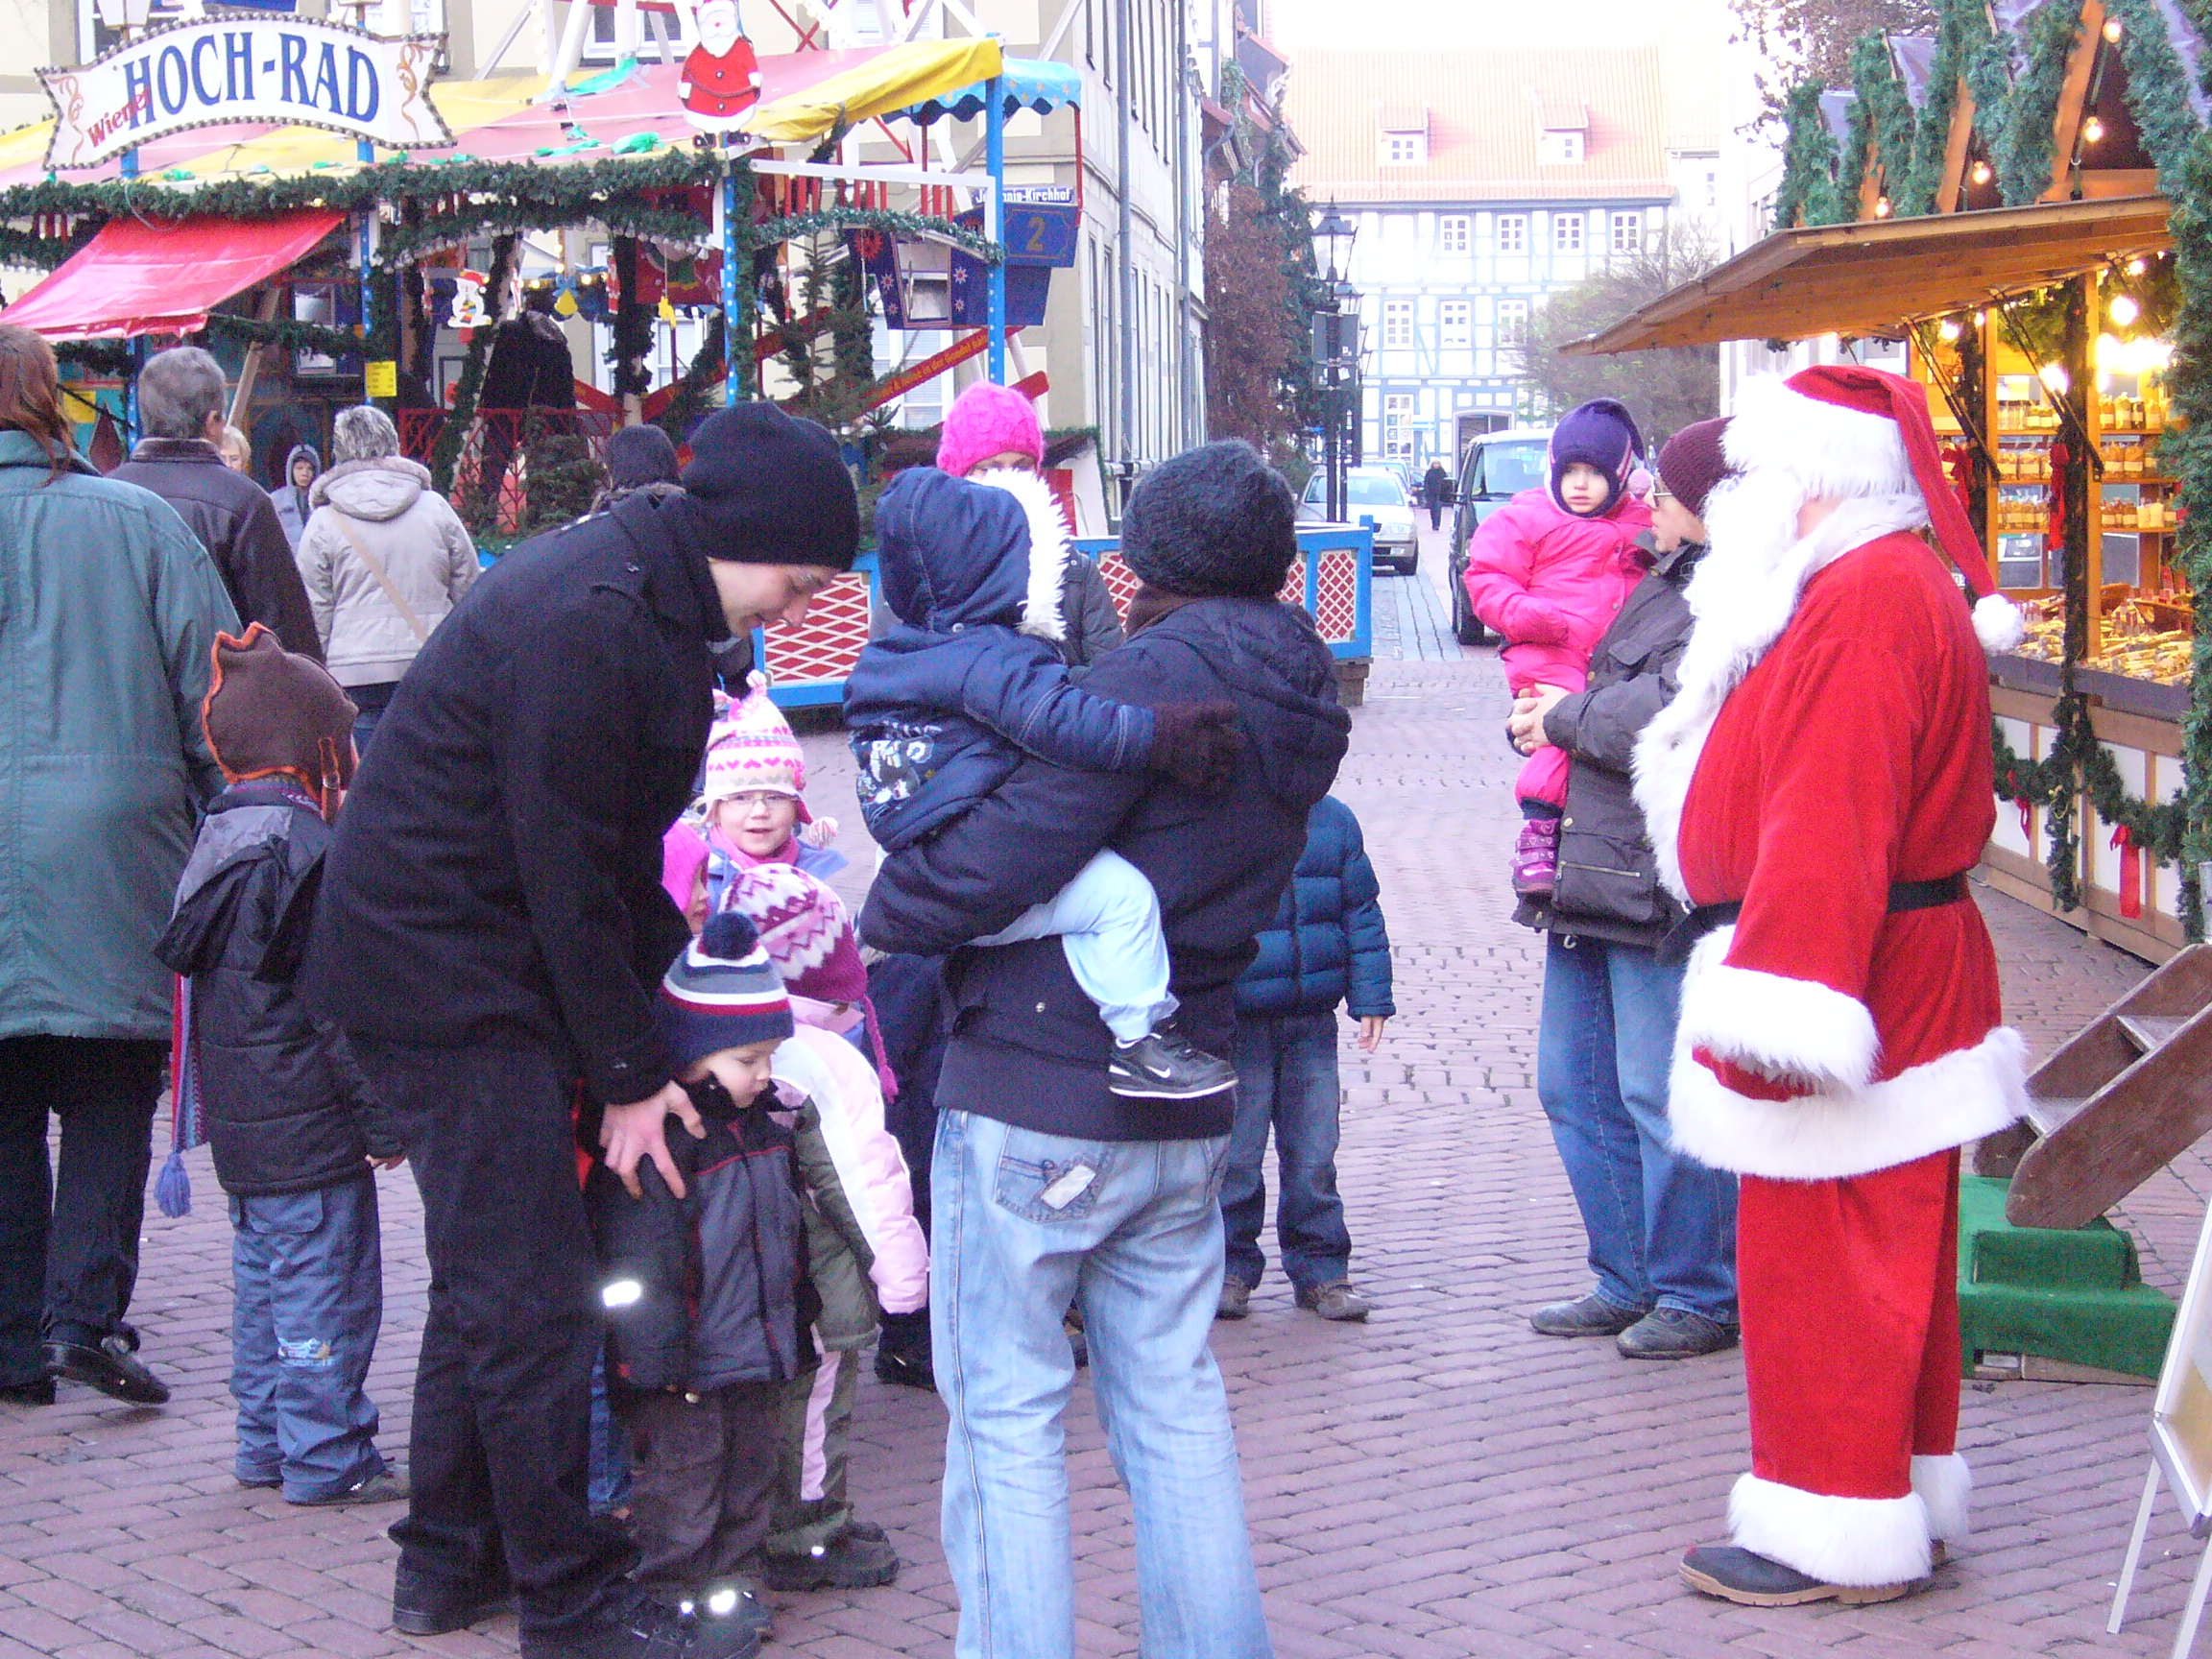 Die Kleinen geh'n zum Weihnachtsmann und singen ihre Lieder dann.